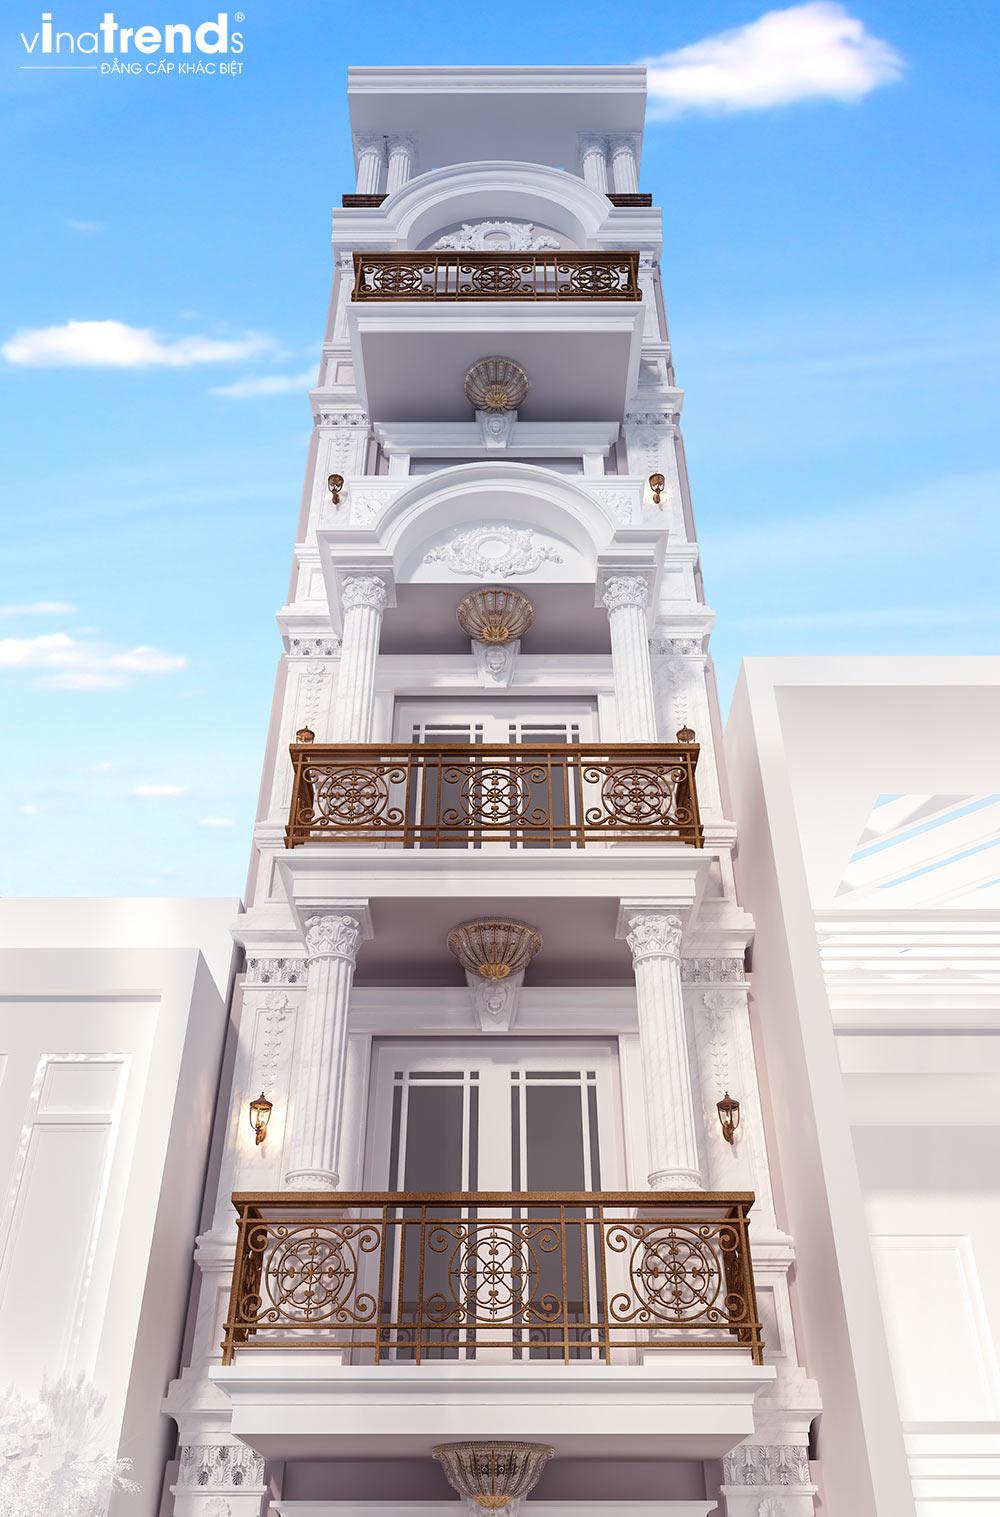 mau nha ong mat tien 4m dai 125m 5 tang kien truc nha pho co dien 3 Thiết kế nhà ống mặt tiền 4m dài 12,5m 5 tầng cổ điển làm văn phòng siêu đẳng cấp ở Hà Nội